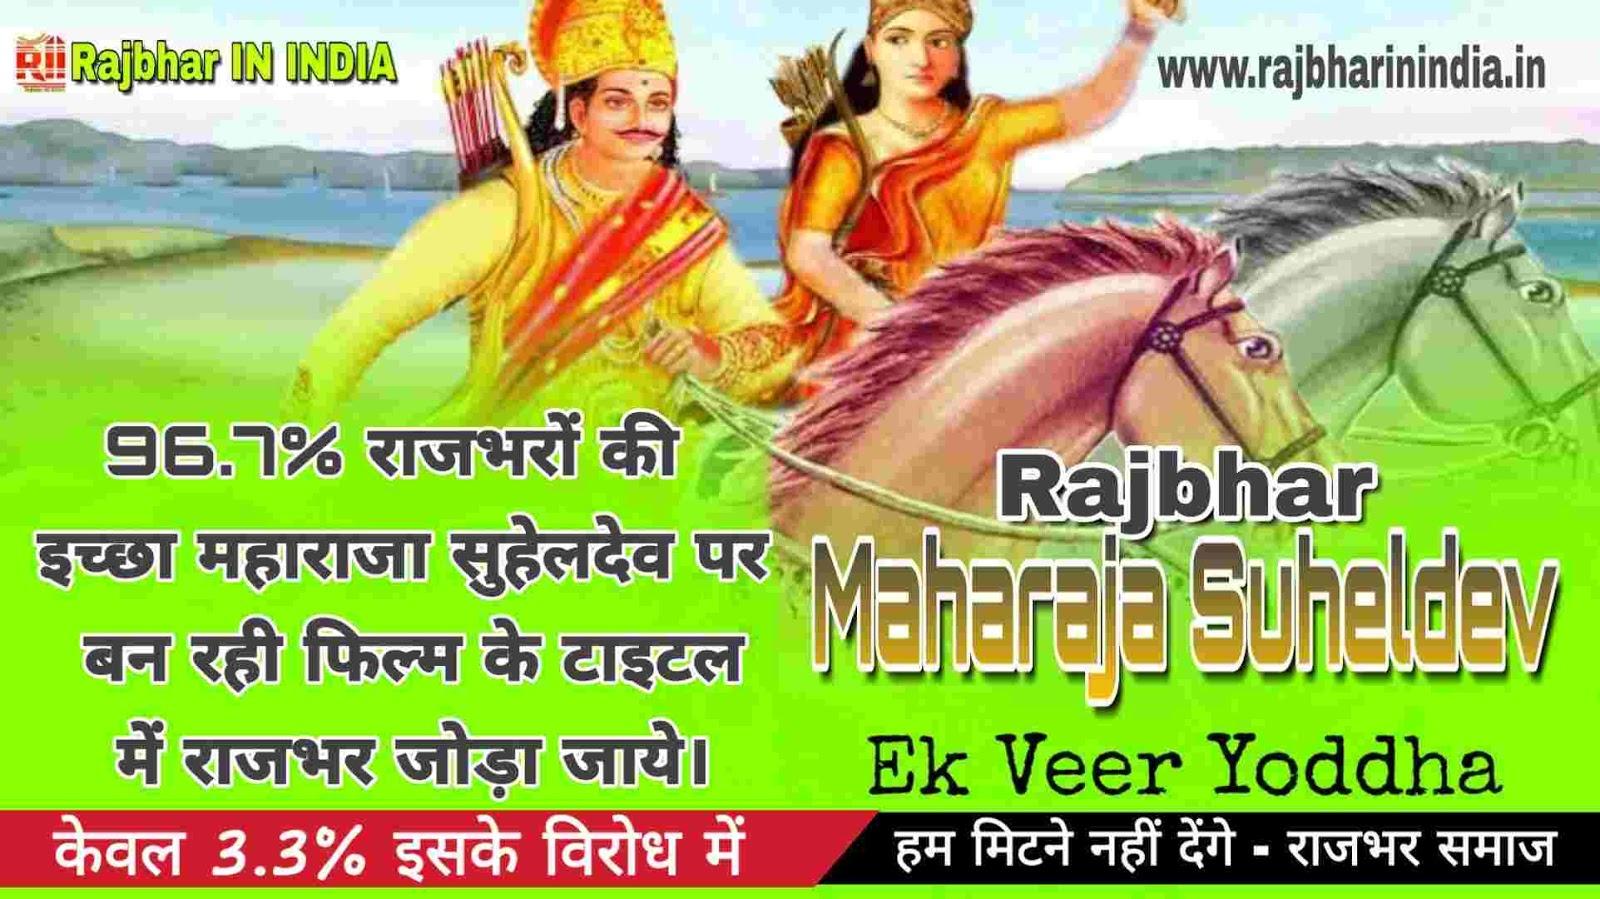 Rajbhar 96.7% राजभरों की इच्छा महाराजा सुहेलदेव पर बन रही फिल्म के टाइटल में राजभर जोड़ा जाये।